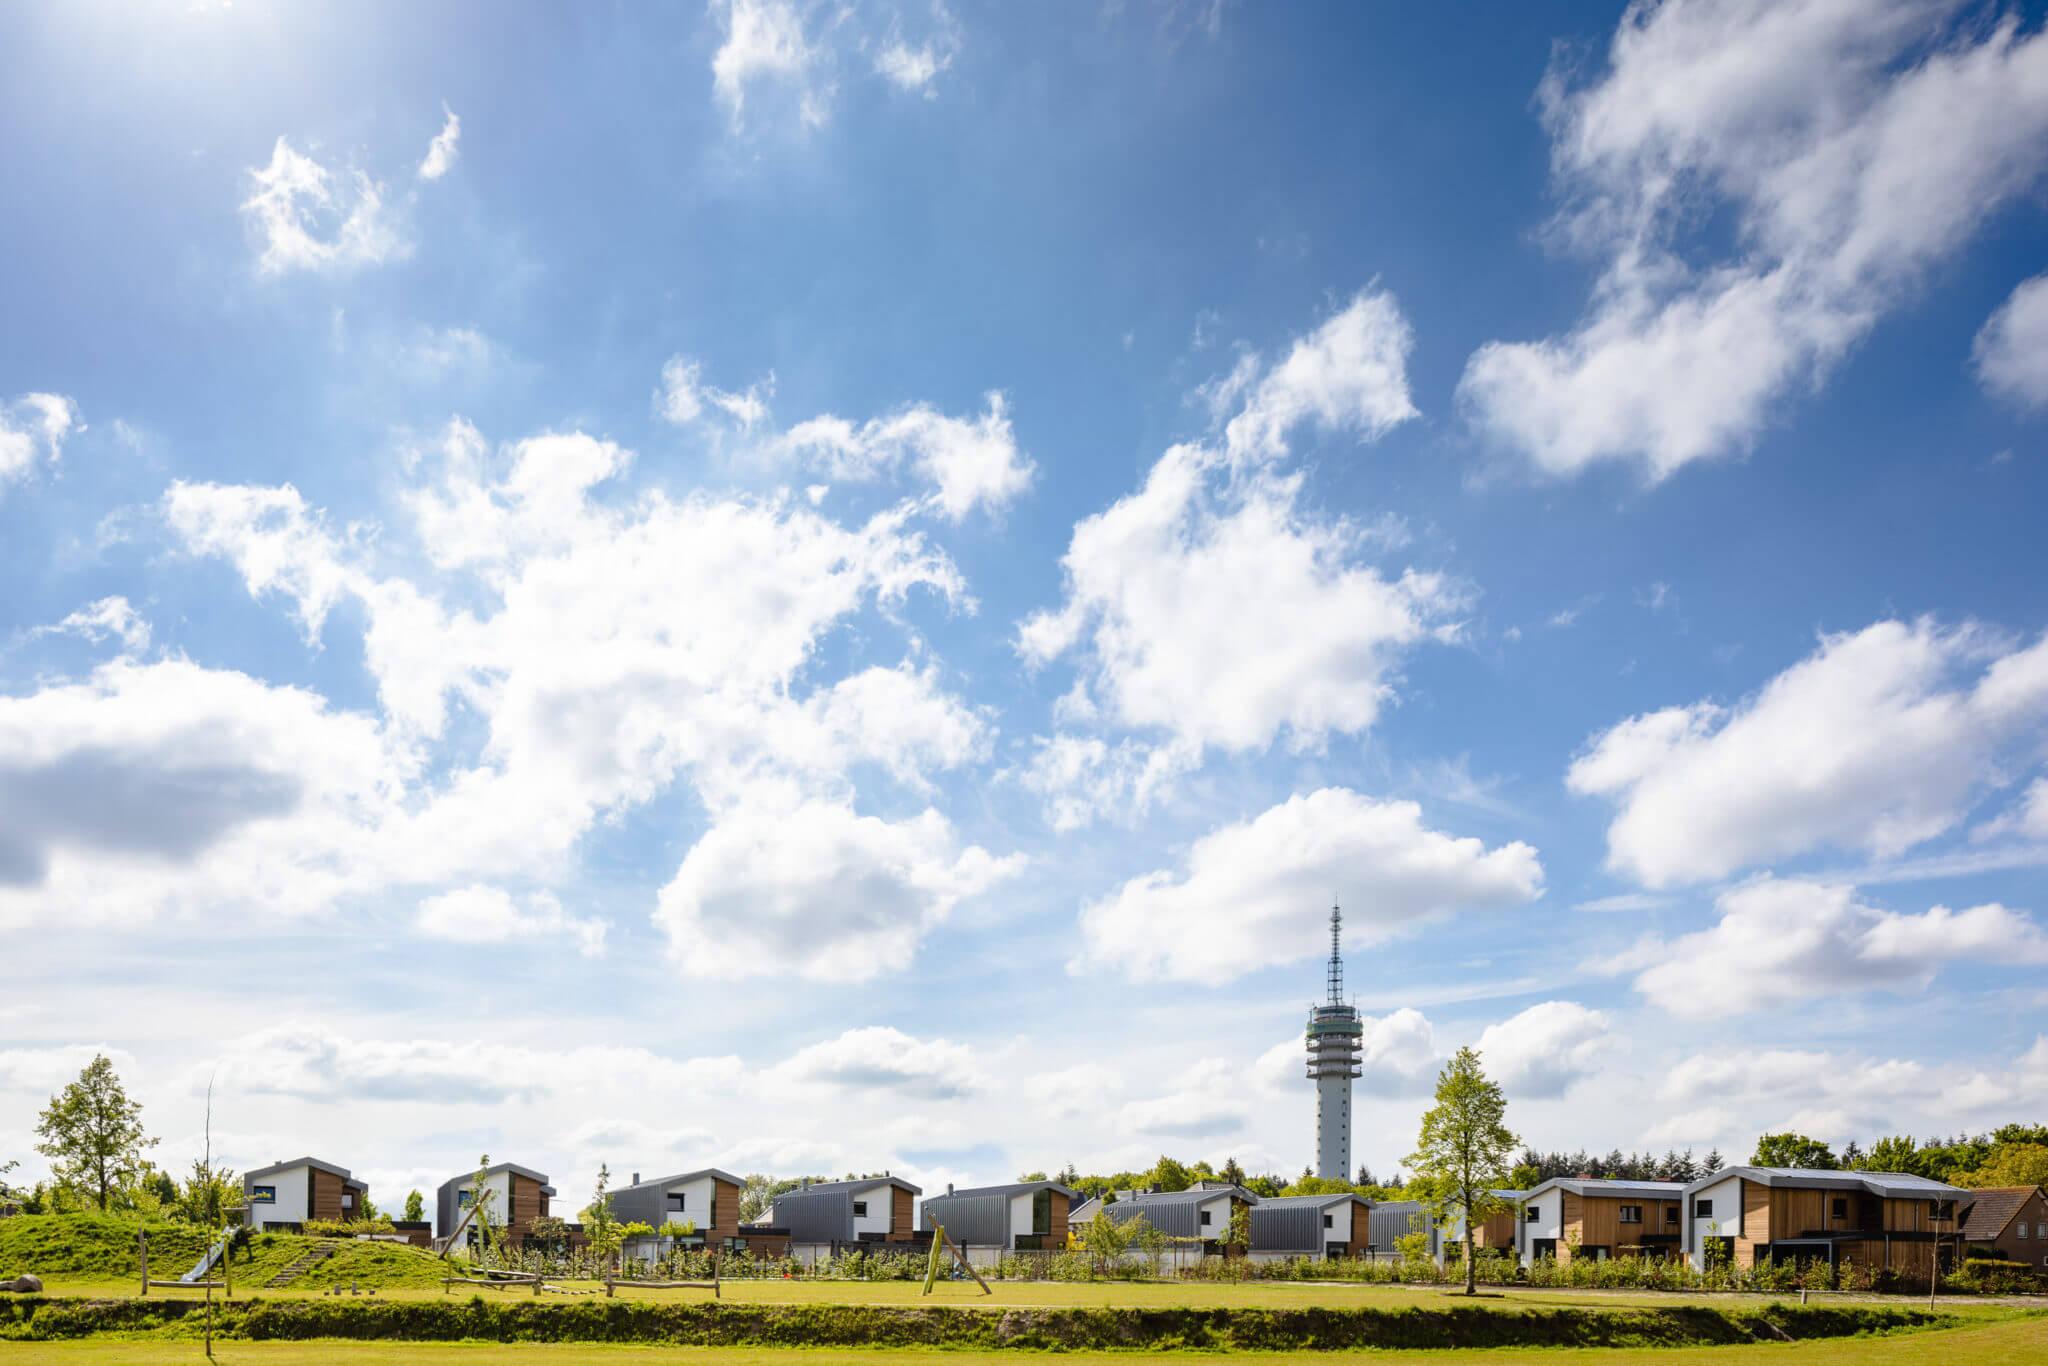 Geldrop Mierlo Felsdaken houten gevel stucwerk Brabant Wetering schuurwoning